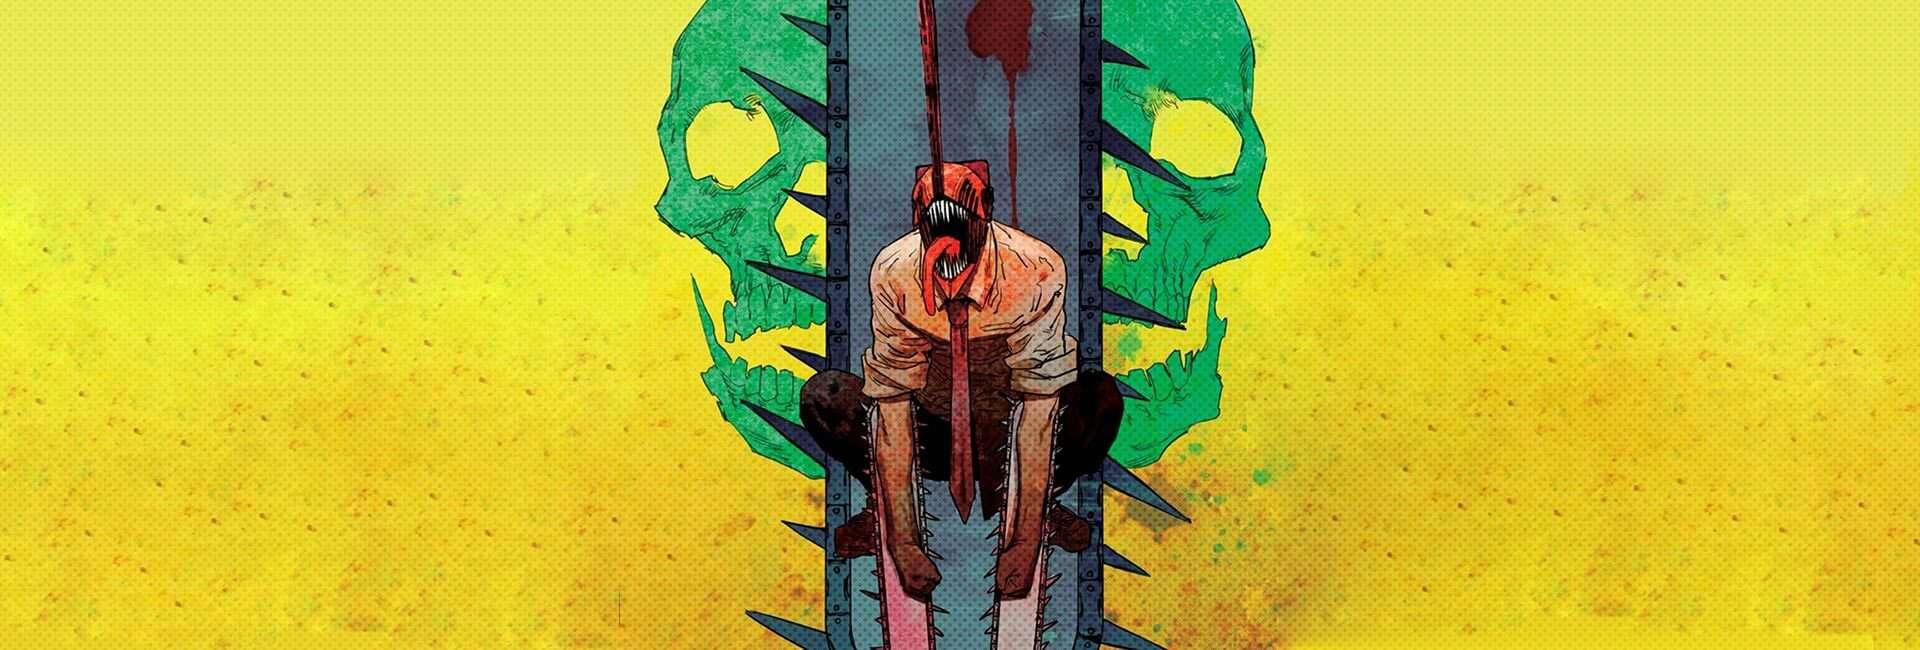 a capa mostra ao centro o protagonista do mangá em sua transformação com a cabeça no formato de motossera, e outras 2 lâminas de motosserra em cada um dos braços